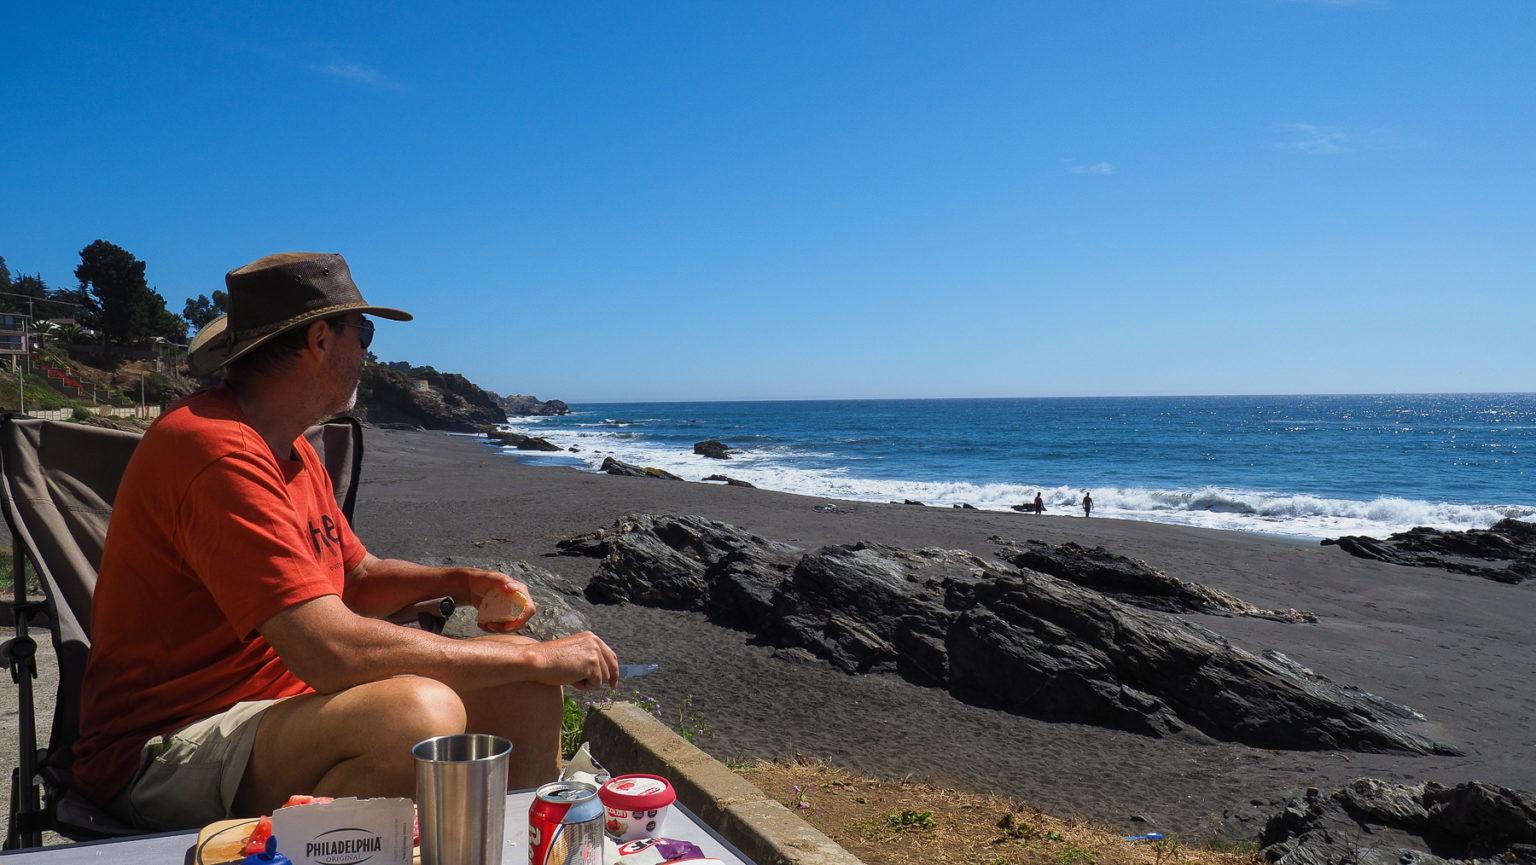 …und schöne Tage am Meer